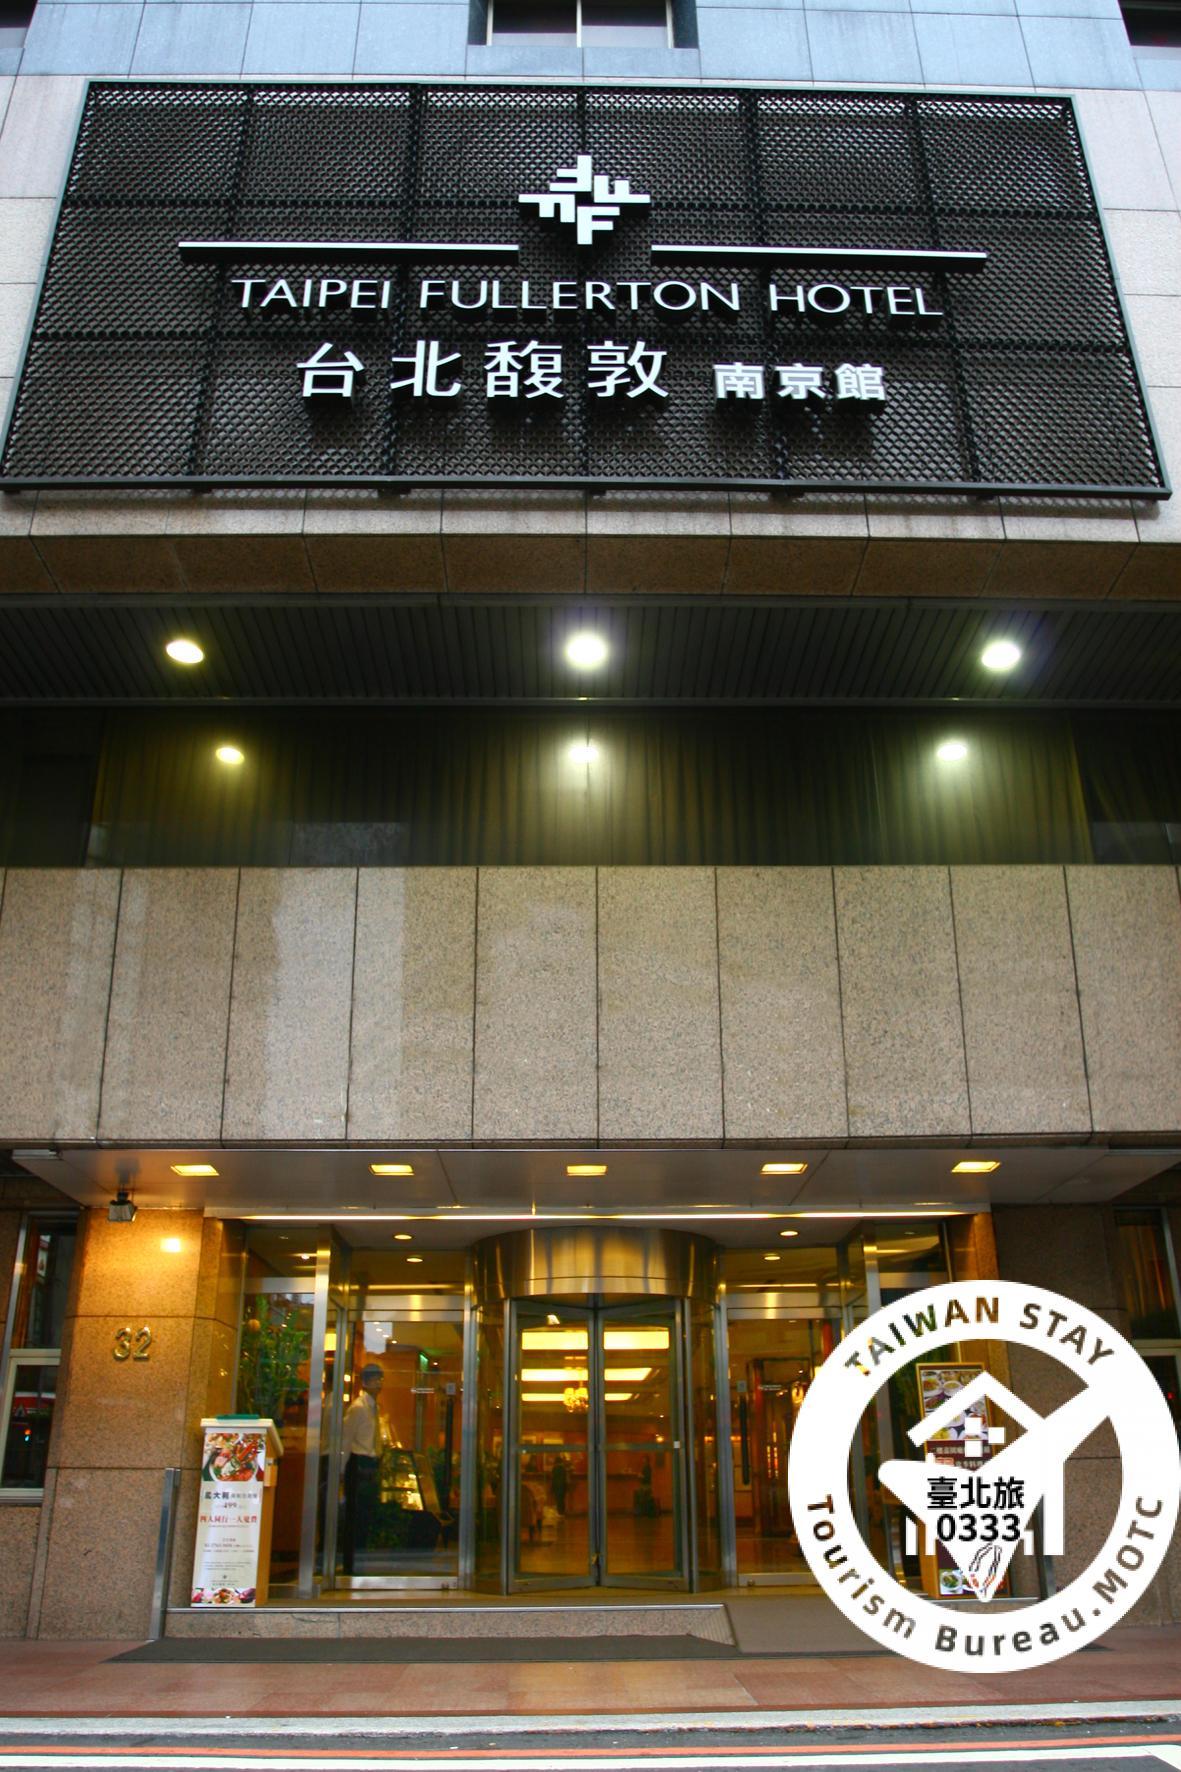 台北馥敦飯店南京館